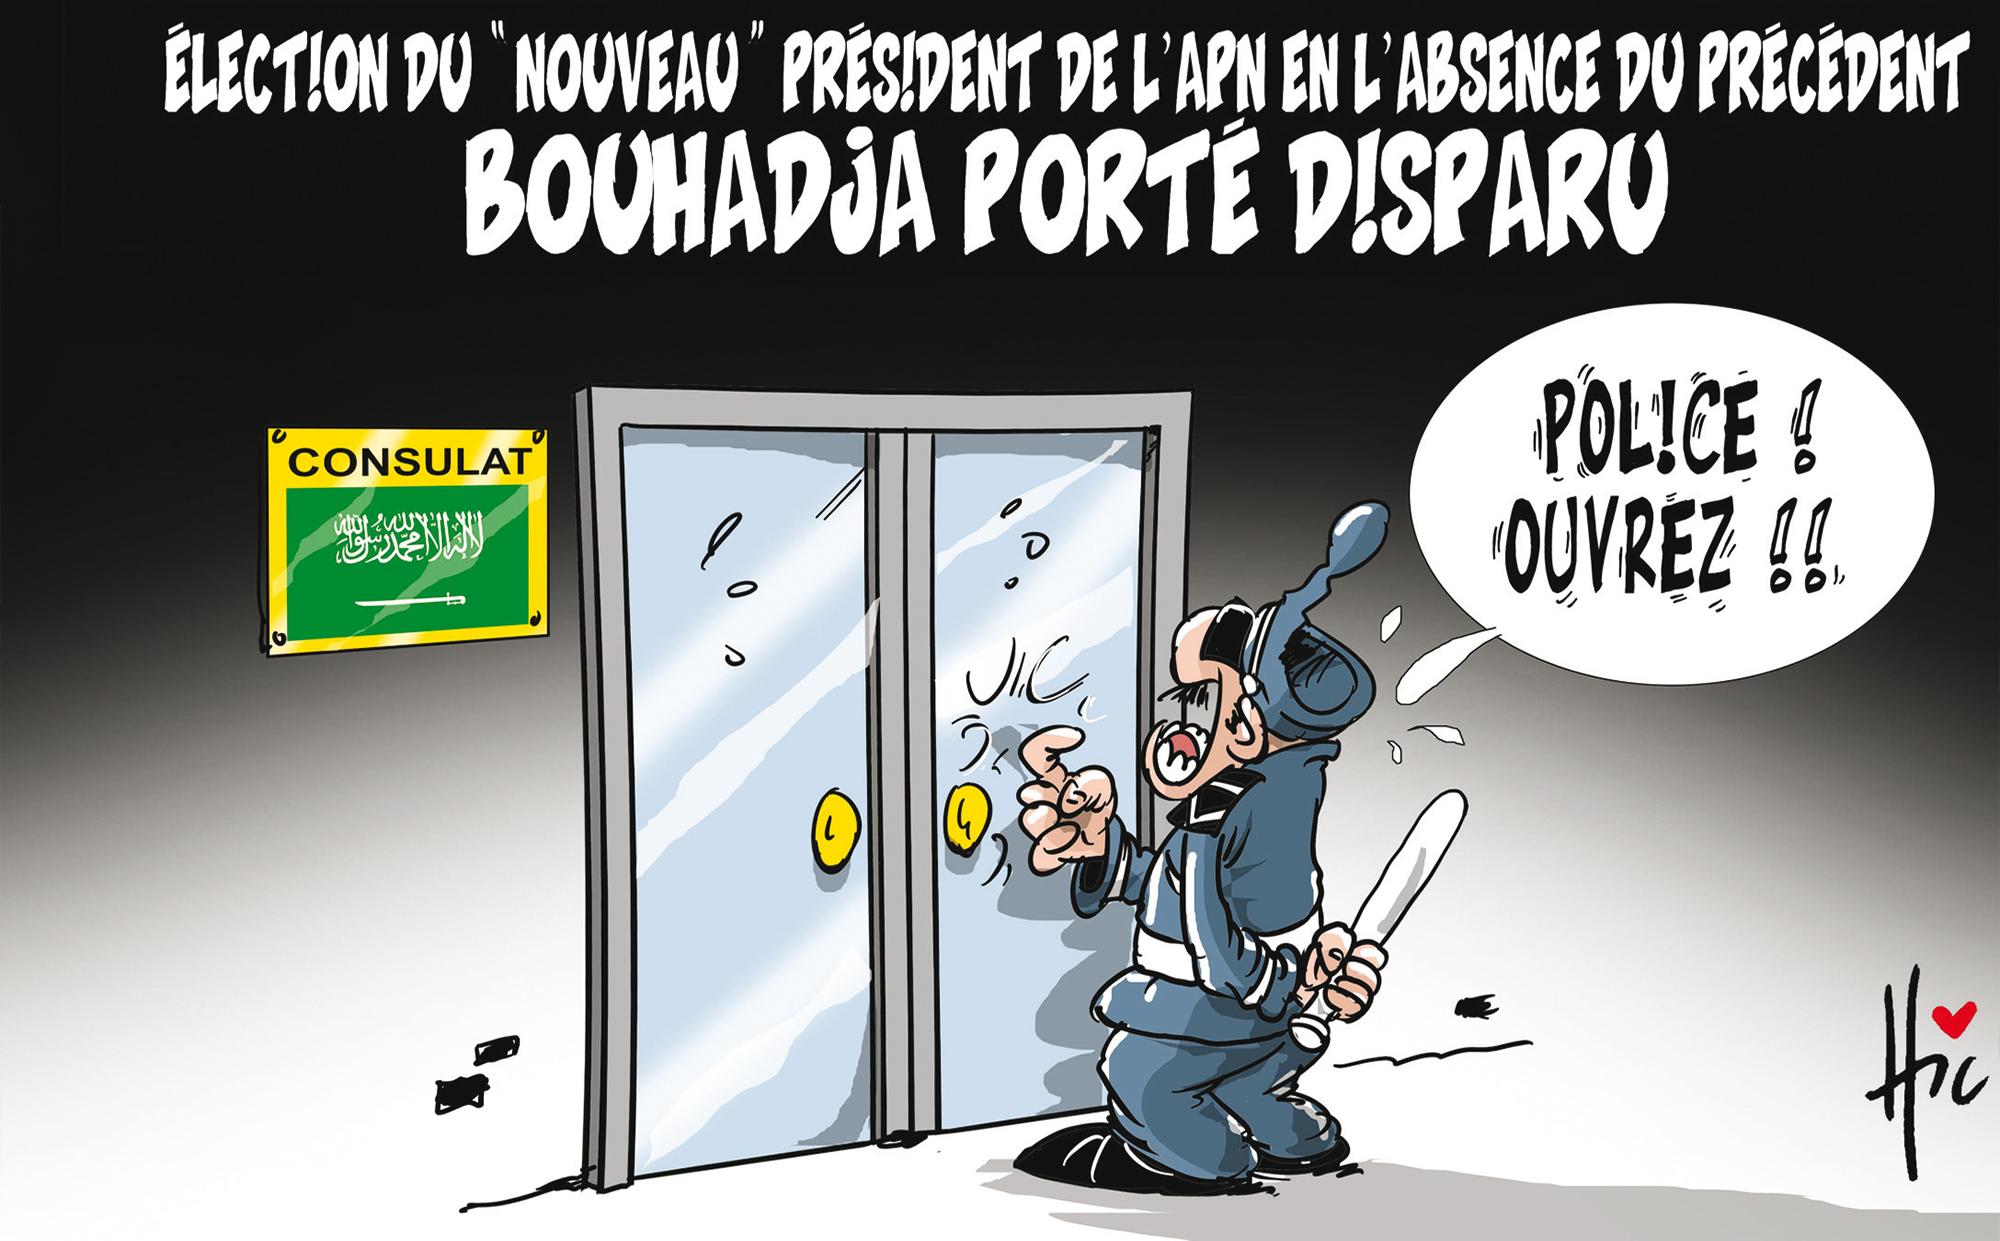 élection du nouveau président de l'APN en l'absence du précédent. Bouhadja porté disparu - Dessins et Caricatures, Le Hic - El Watan - Gagdz.com